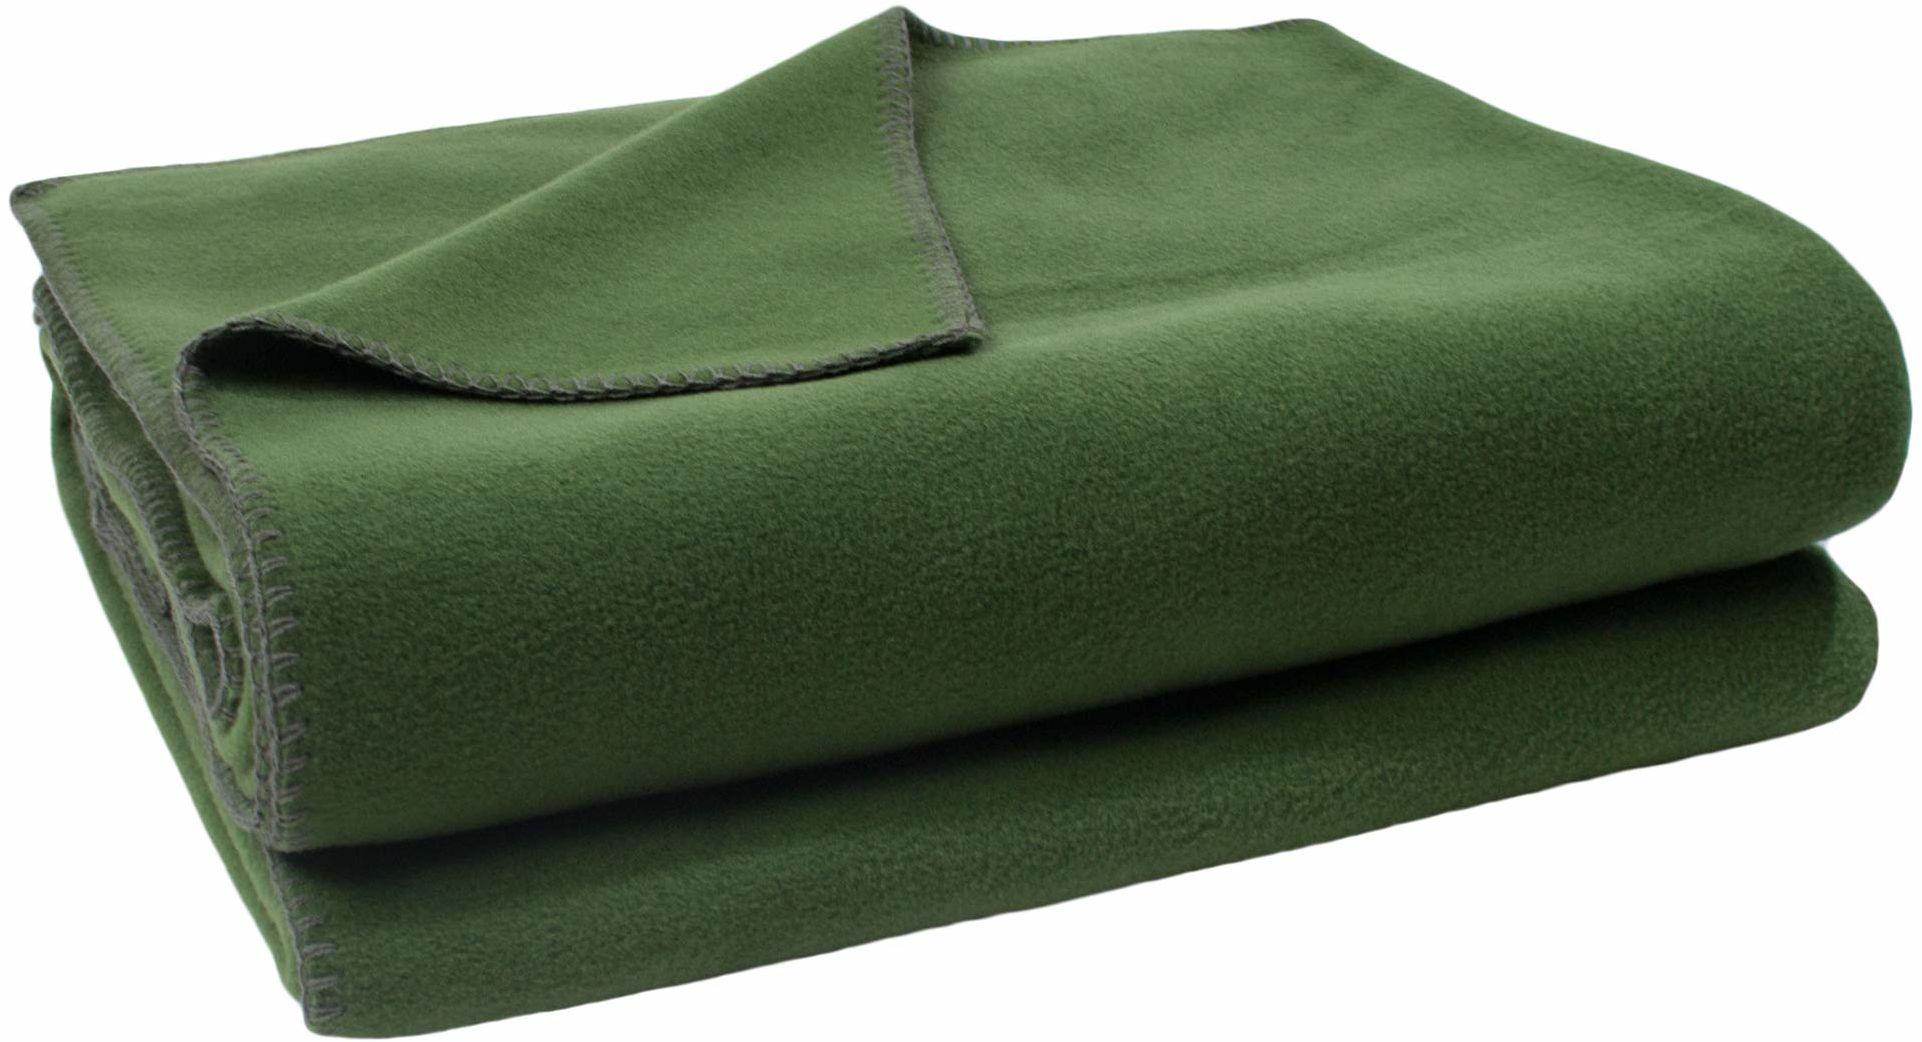 zoeppritz since 1828 miękki koc polarowy z haftem szydełkowym, miękki koc do wtulania się, 110 x 150 cm, 661 ciemny jadeit